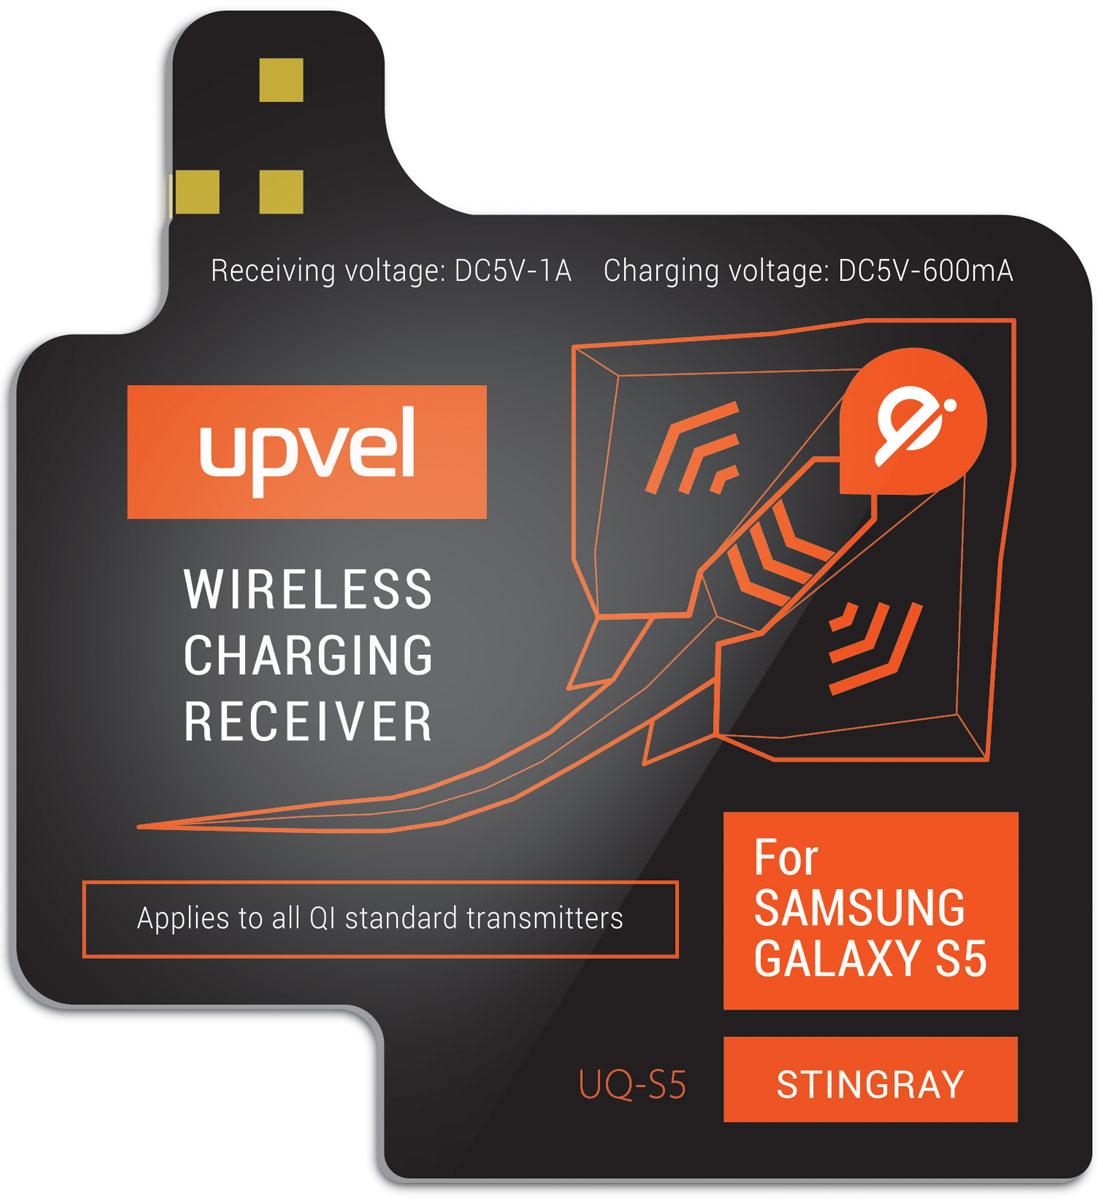 UPVEL UQ-S5 Stingray для Samsung Galaxy S5, Black модуль-приемник беспроводной зарядки стандарта QiUQ-S5 STINGRAYUPVEL UQ-NT4 позволяет заряжать Samsung Galaxy S5 при помощи беспроводных зарядных устройств стандарта Qi. Плоский модуль беспроводной зарядки фиксируется на аккумуляторной батарее смартфона, под задней крышкой. Устройство не влияет на нормальную работу смартфона и не изменяет его внешний вид.Рабочее расстояние: до 5-7 ммЭффективность: 500 мАчСтандарты: WPC